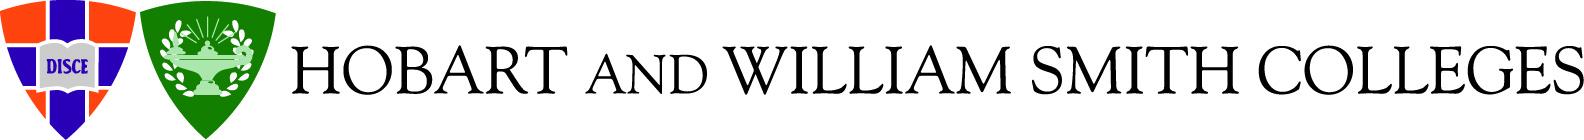 HWS logo-oneline.jpg